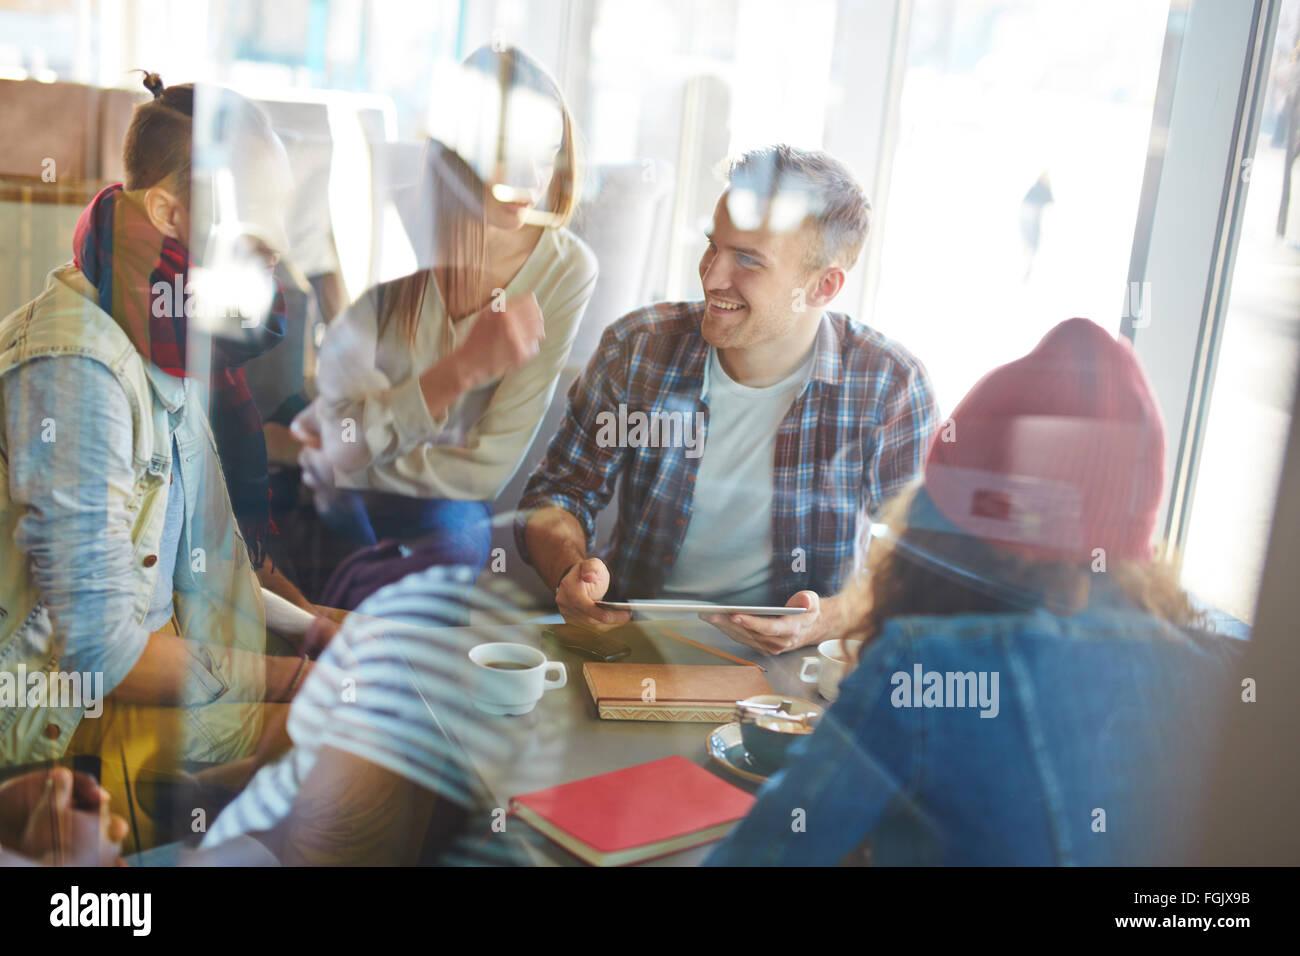 Gentile teens trascorrere il proprio tempo libero in cafe Immagini Stock